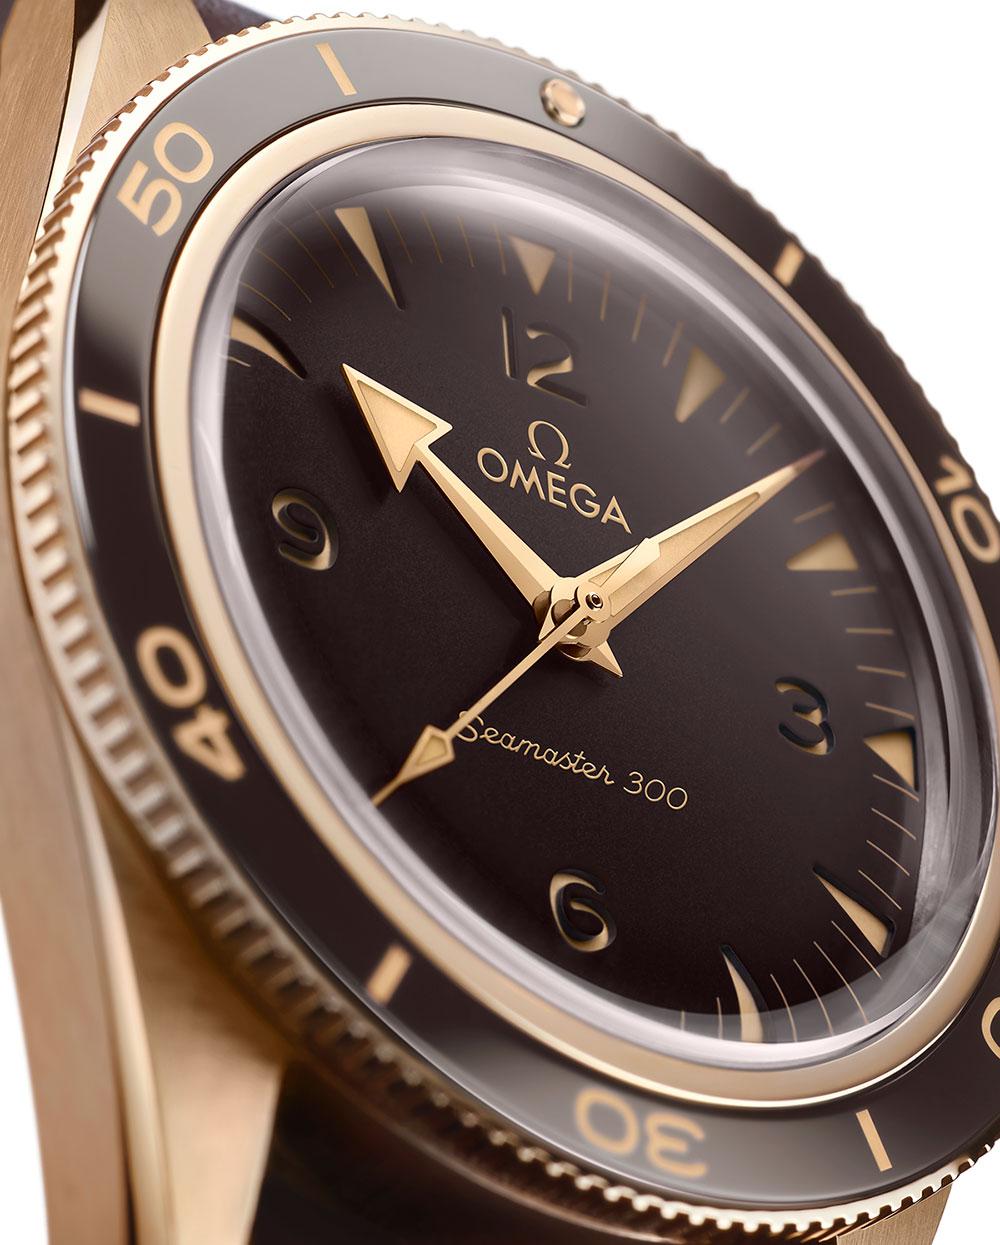 Esfera del Omega Seamaster 300 oro bronce